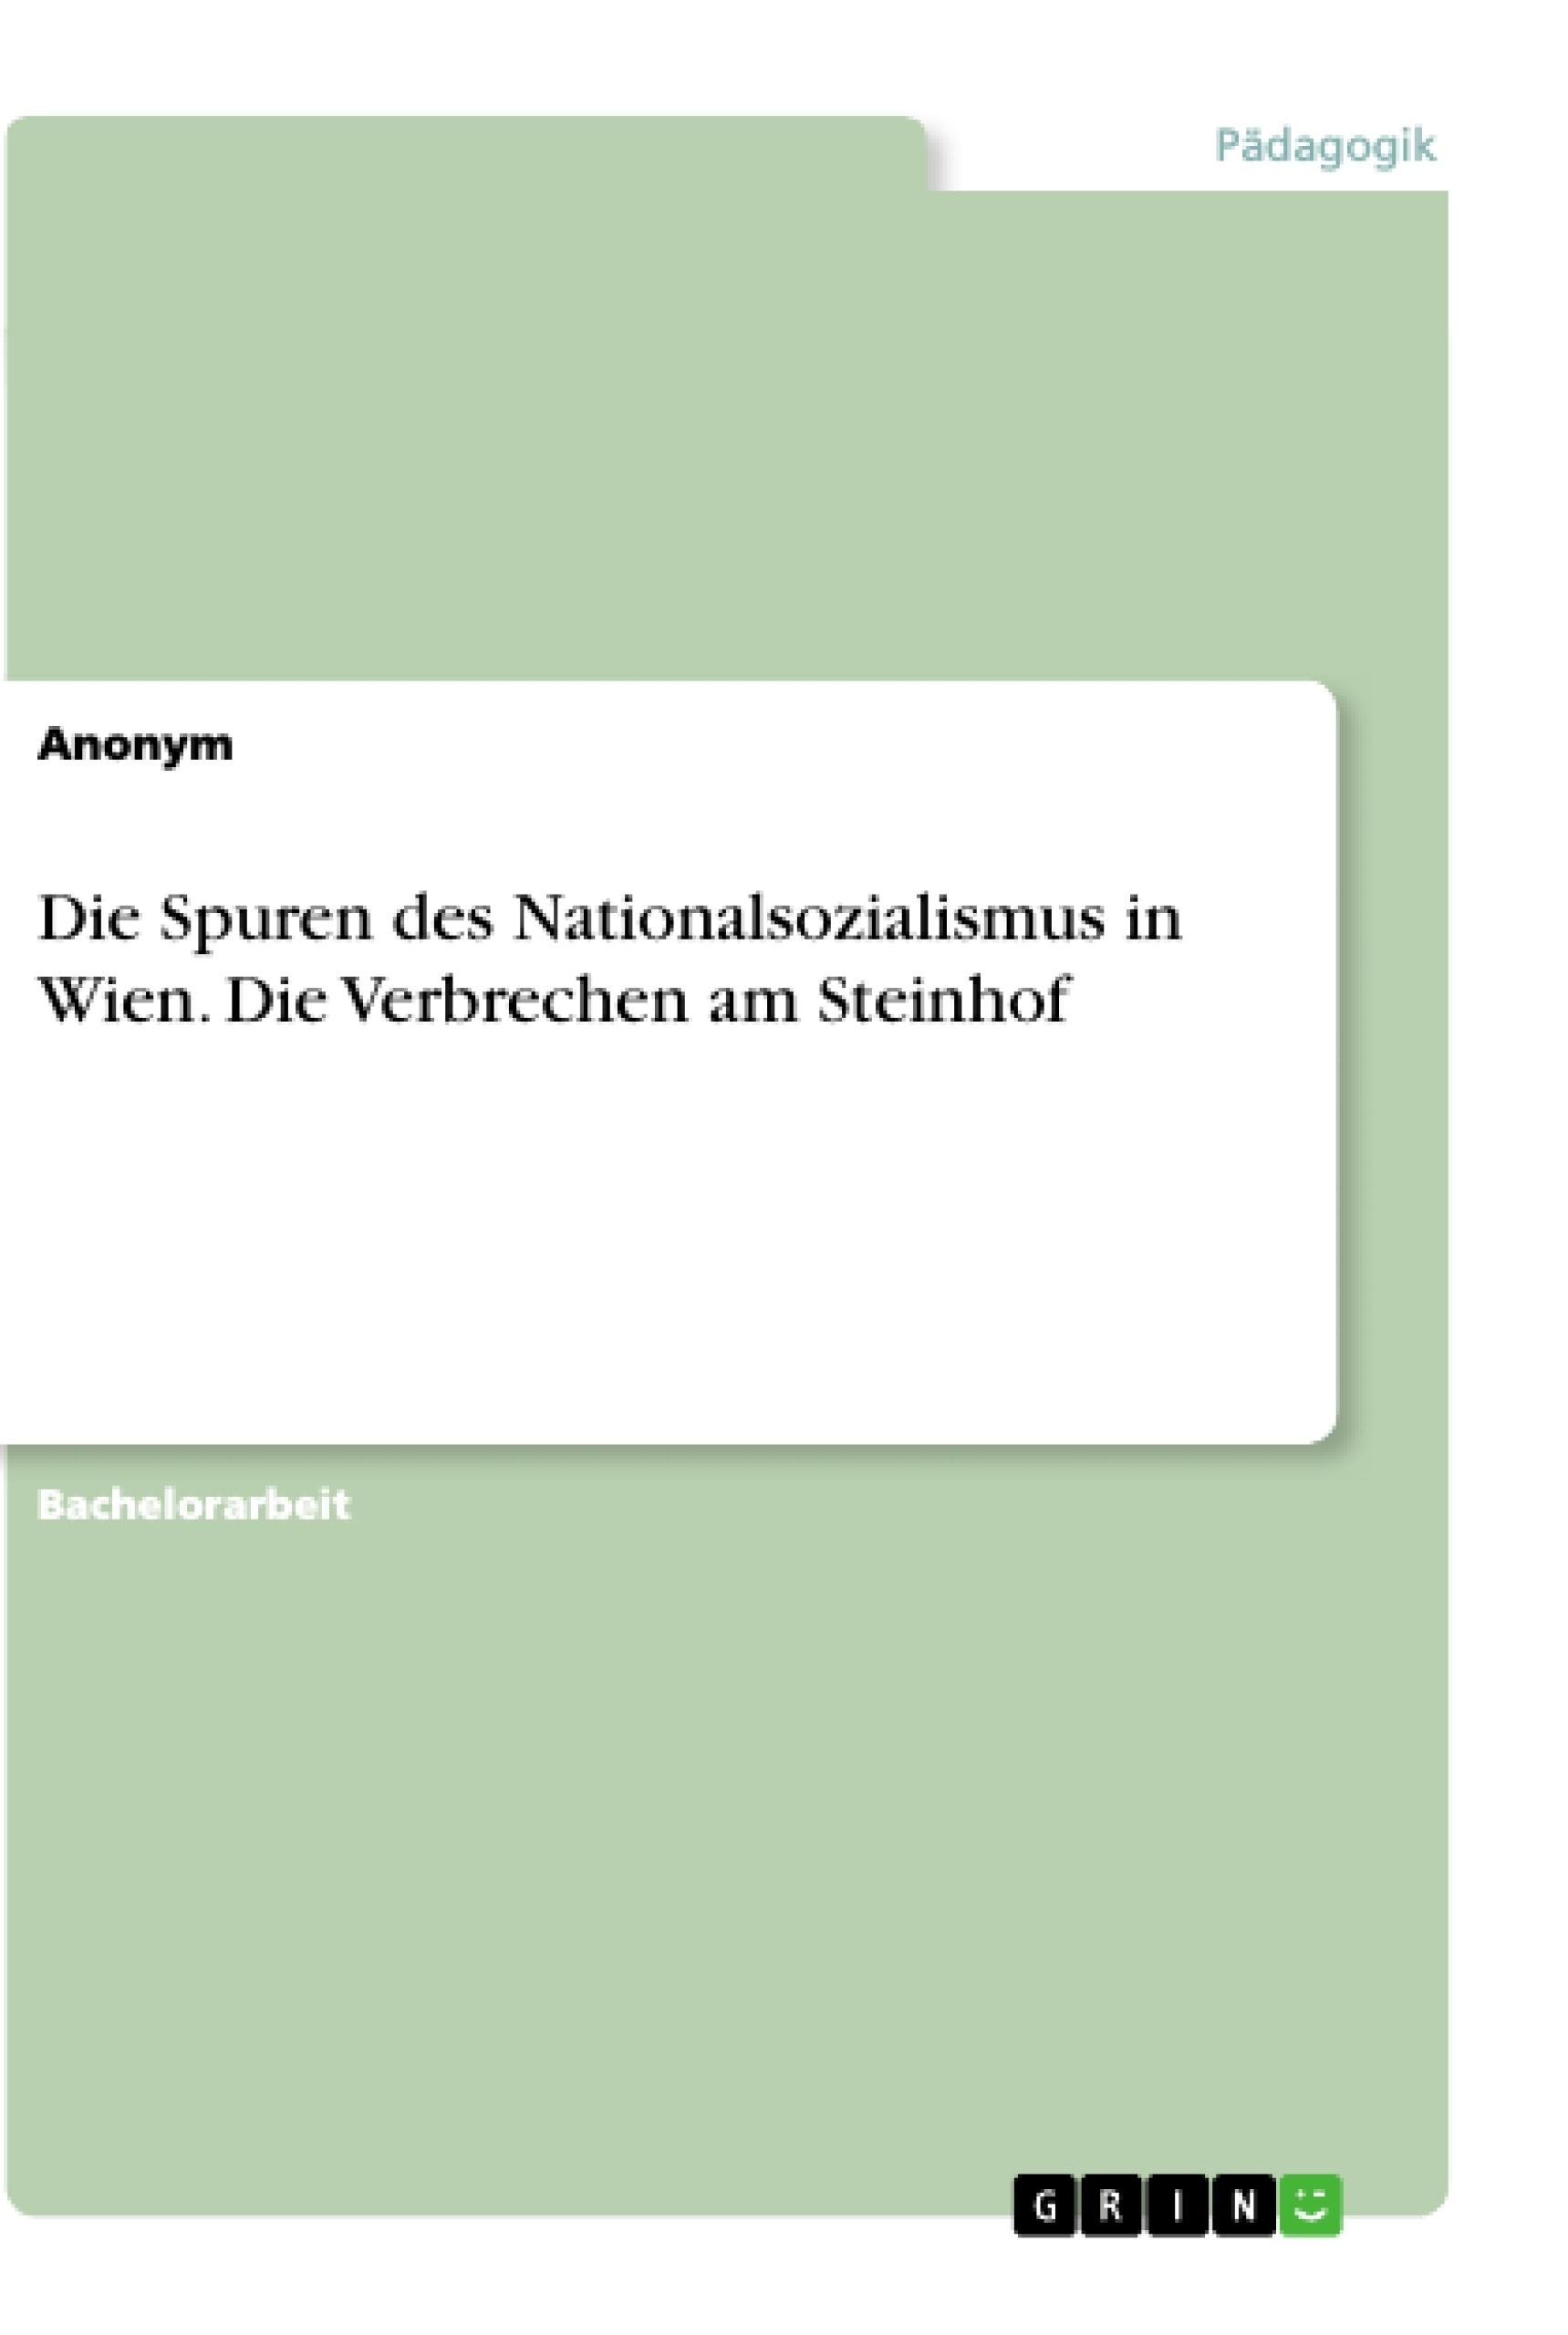 Titel: Die Spuren des Nationalsozialismus in Wien. Die Verbrechen am Steinhof